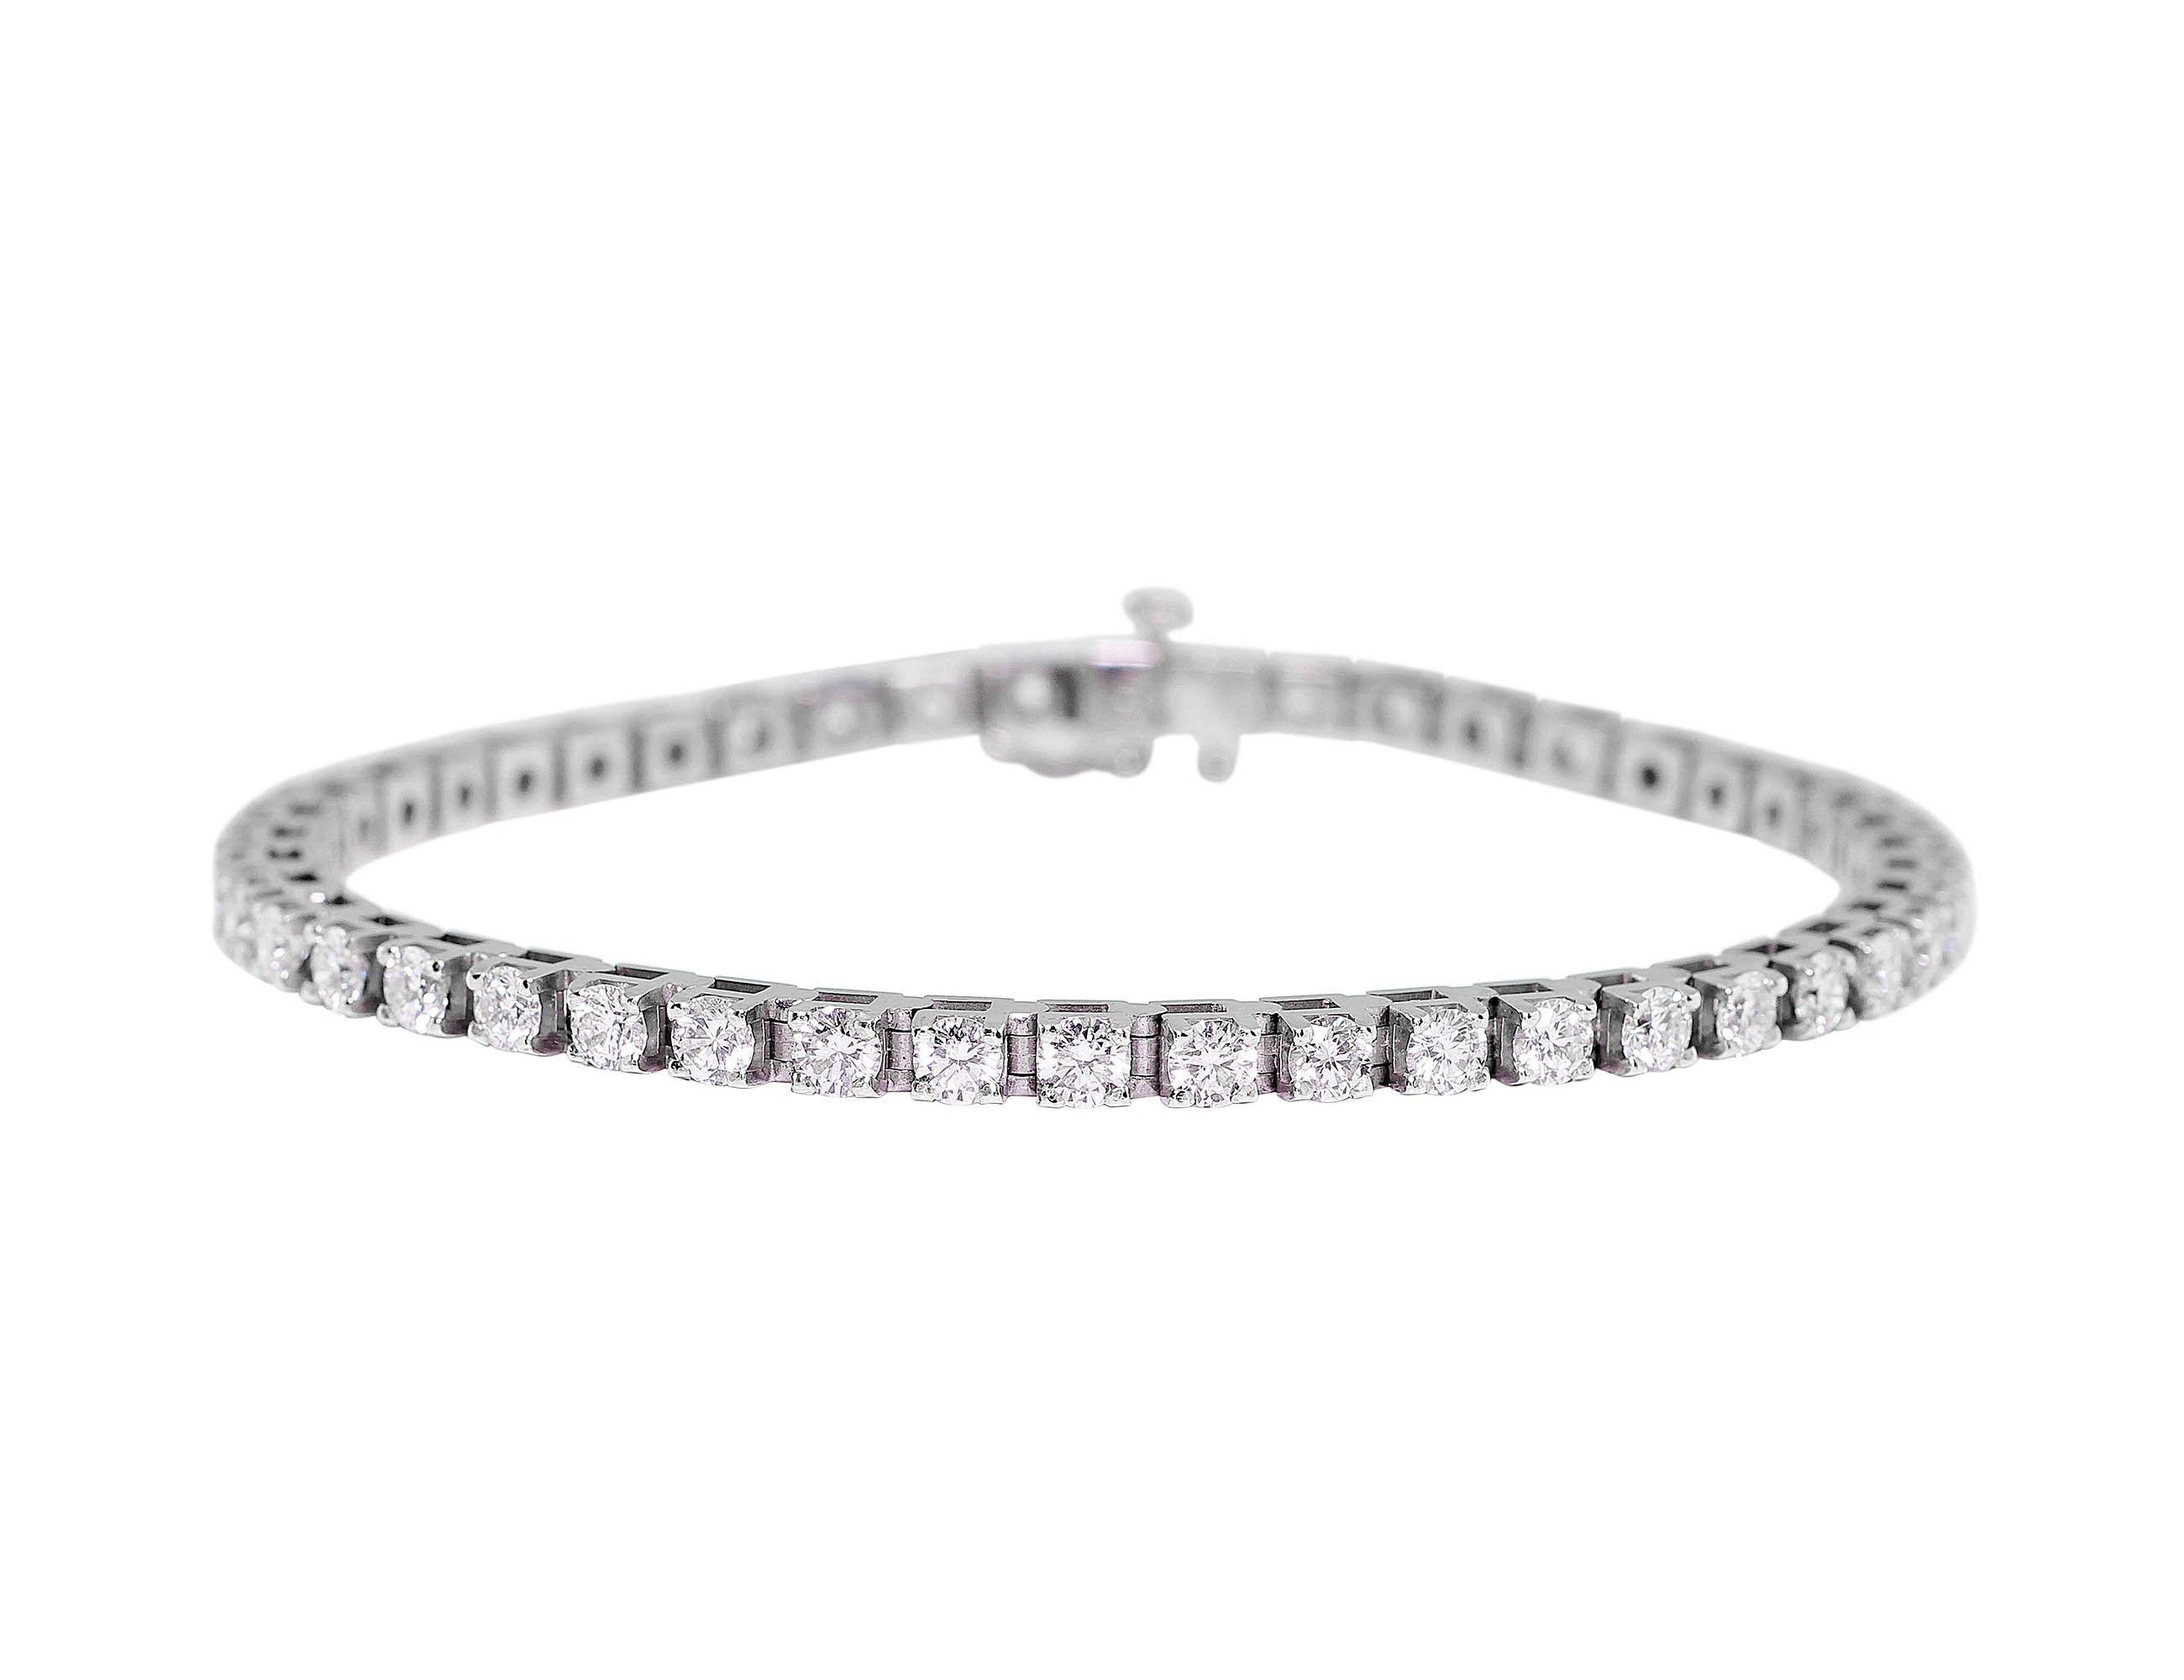 331969545ce854 Size 16 White Gold Estate Cartier Love Bracelet | Bracelets | Cartier love  bracelet, Love bracelets, Cartier love